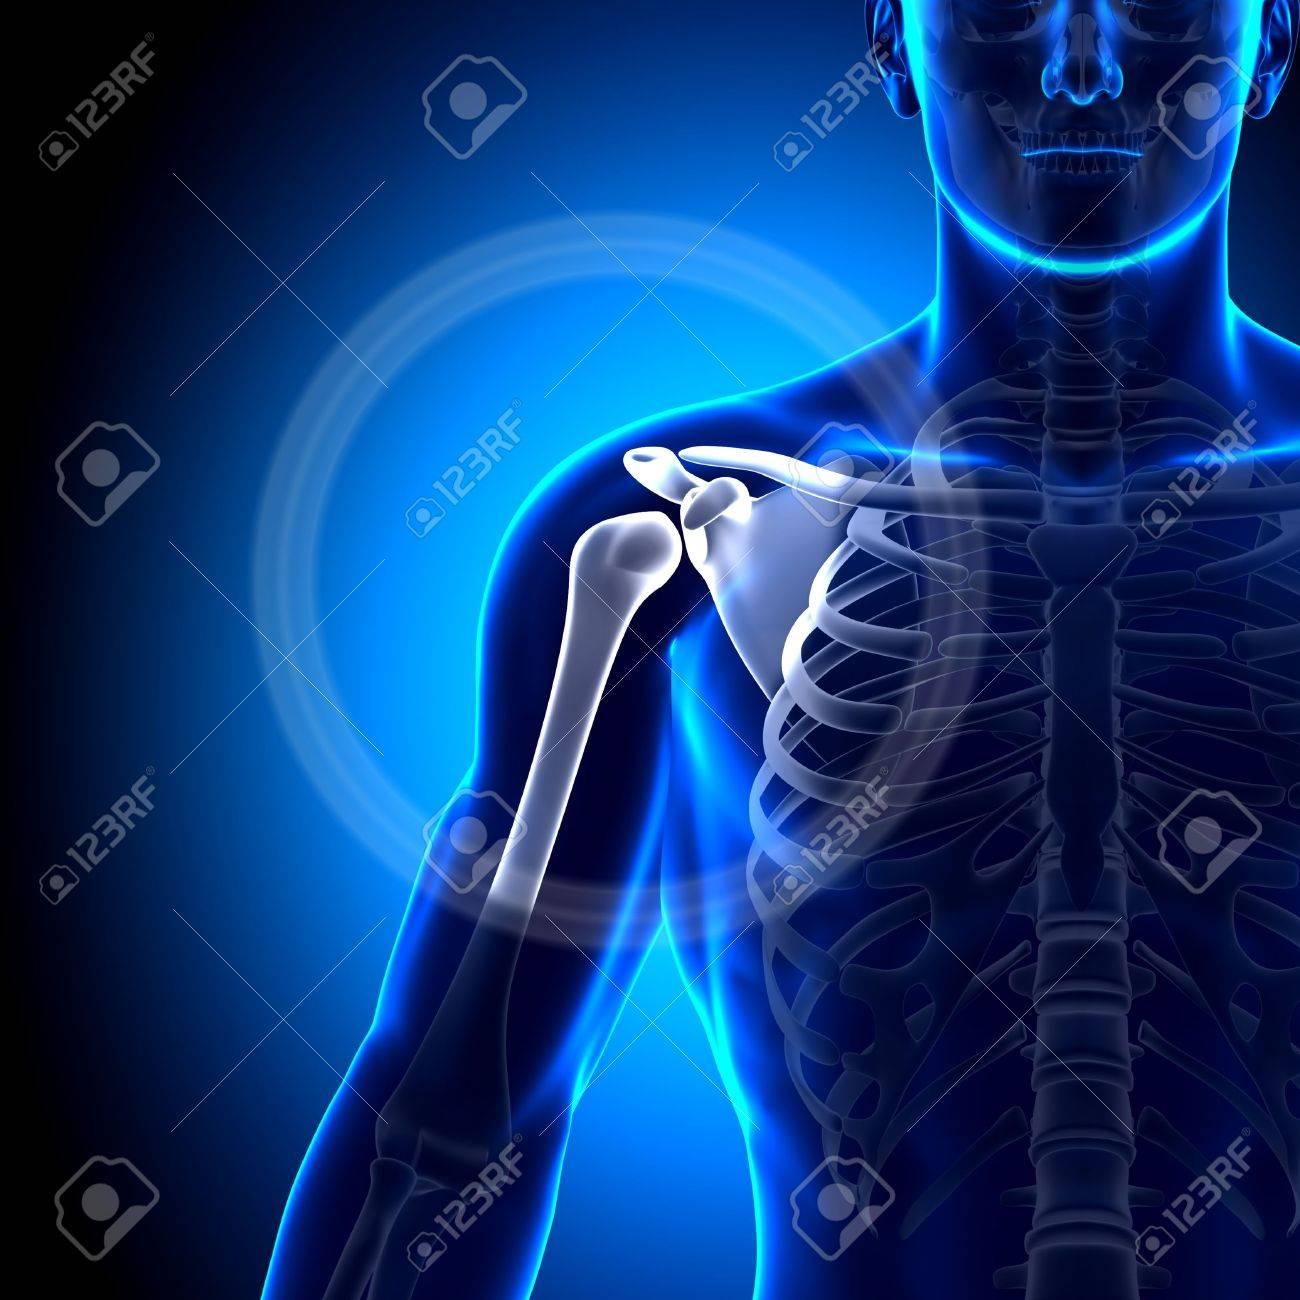 Hombro Escápula Clavícula Anatomía Huesos Fotos, Retratos, Imágenes ...